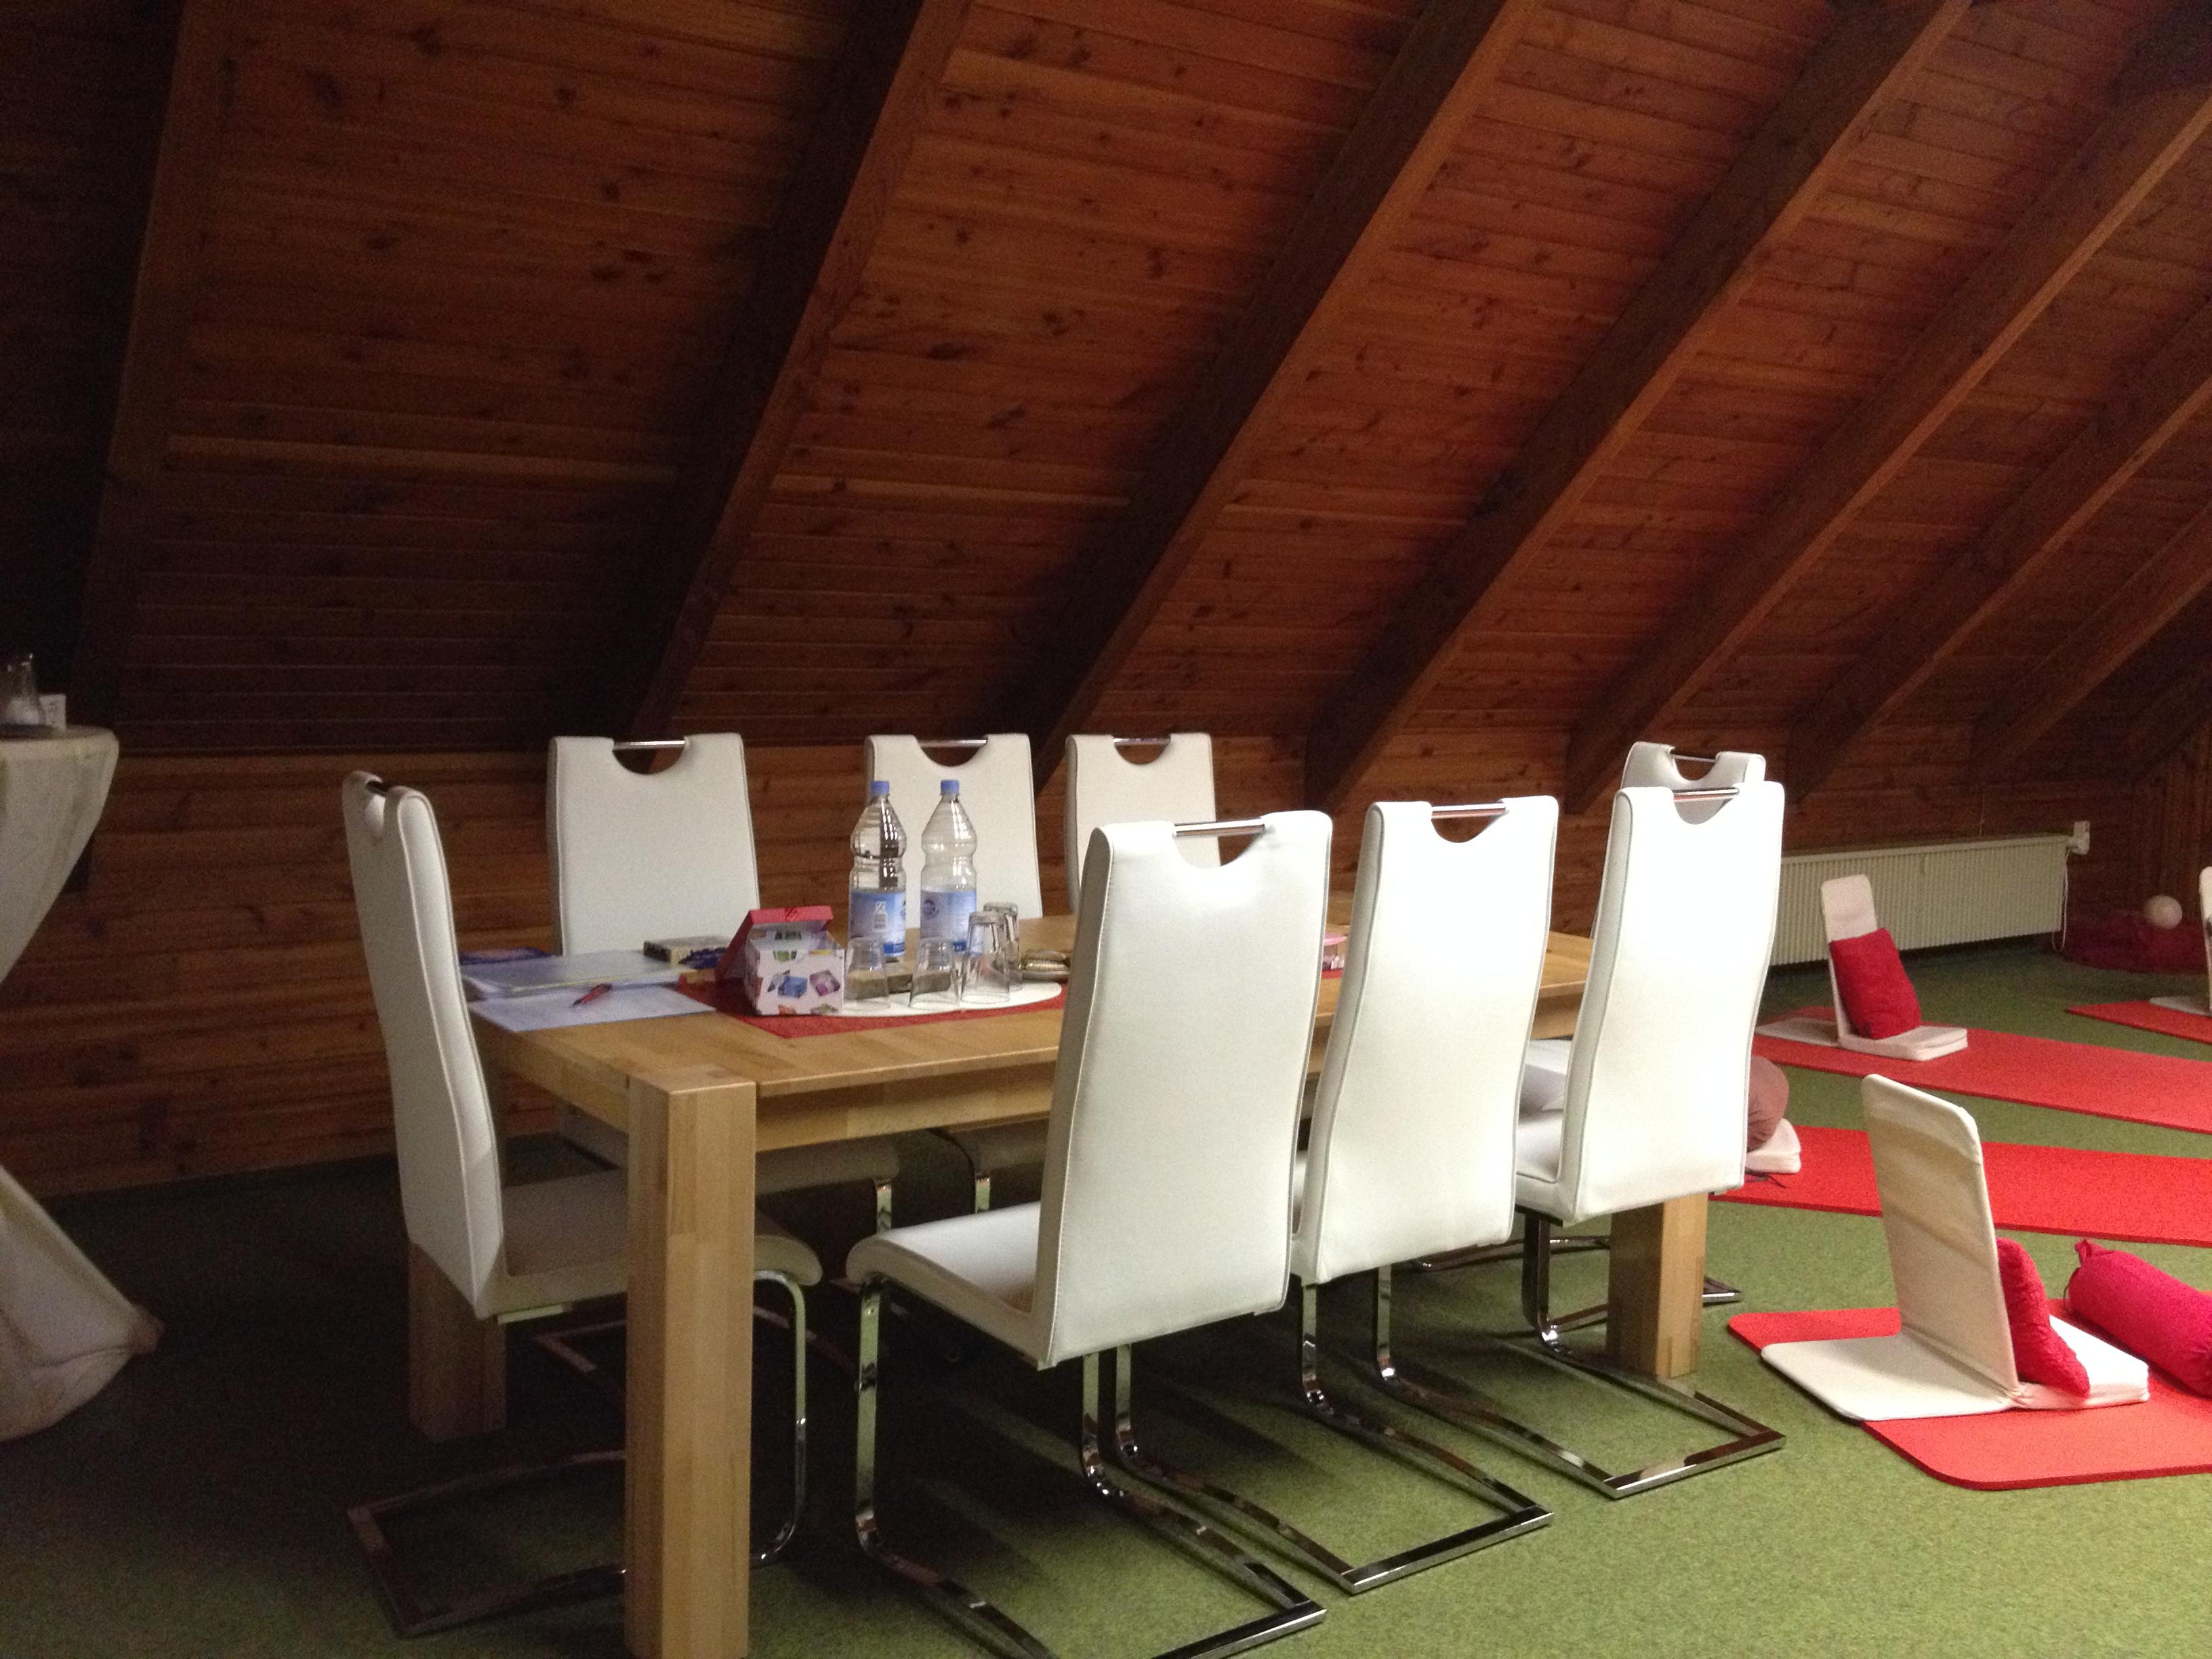 Hier finden die Seminare gemütlich am Tisch statt -